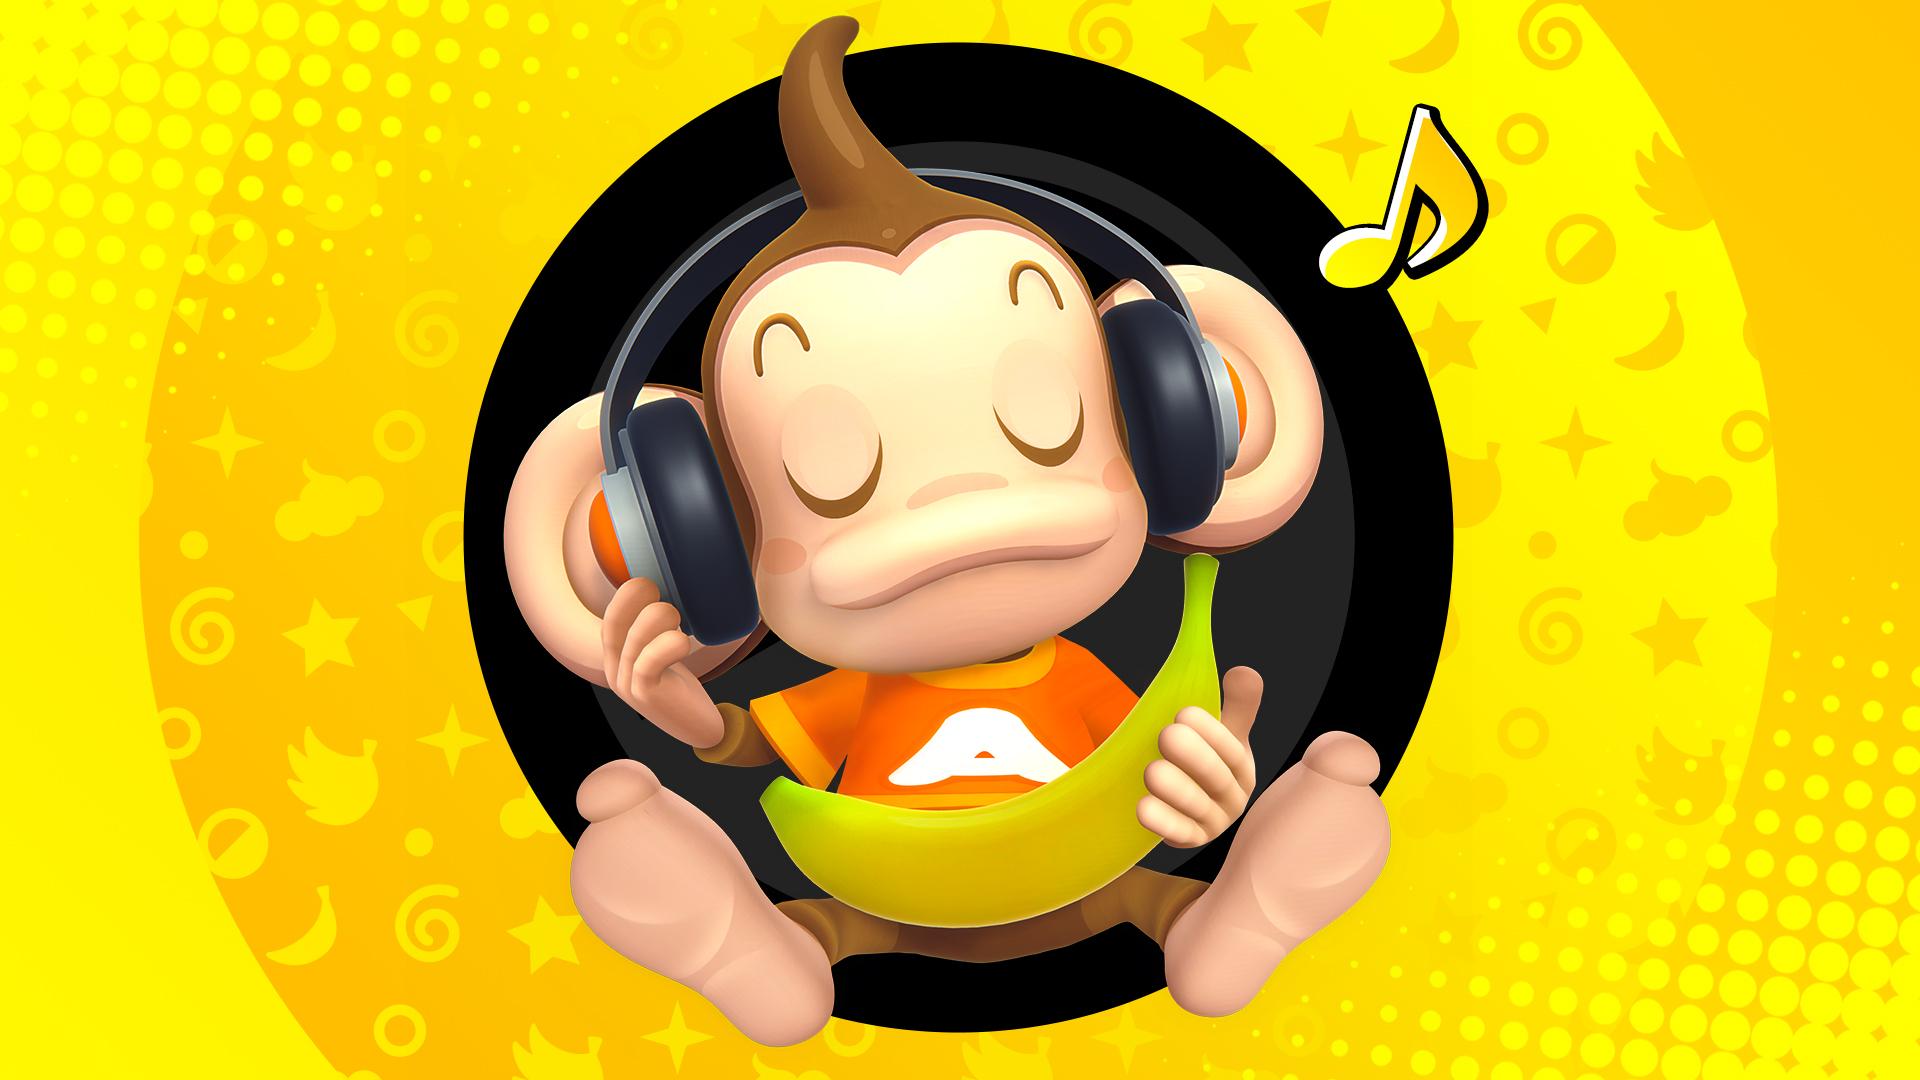 《超级猴子球1&2重制版》NS数字版预购开始 数字豪华版正在接受预购